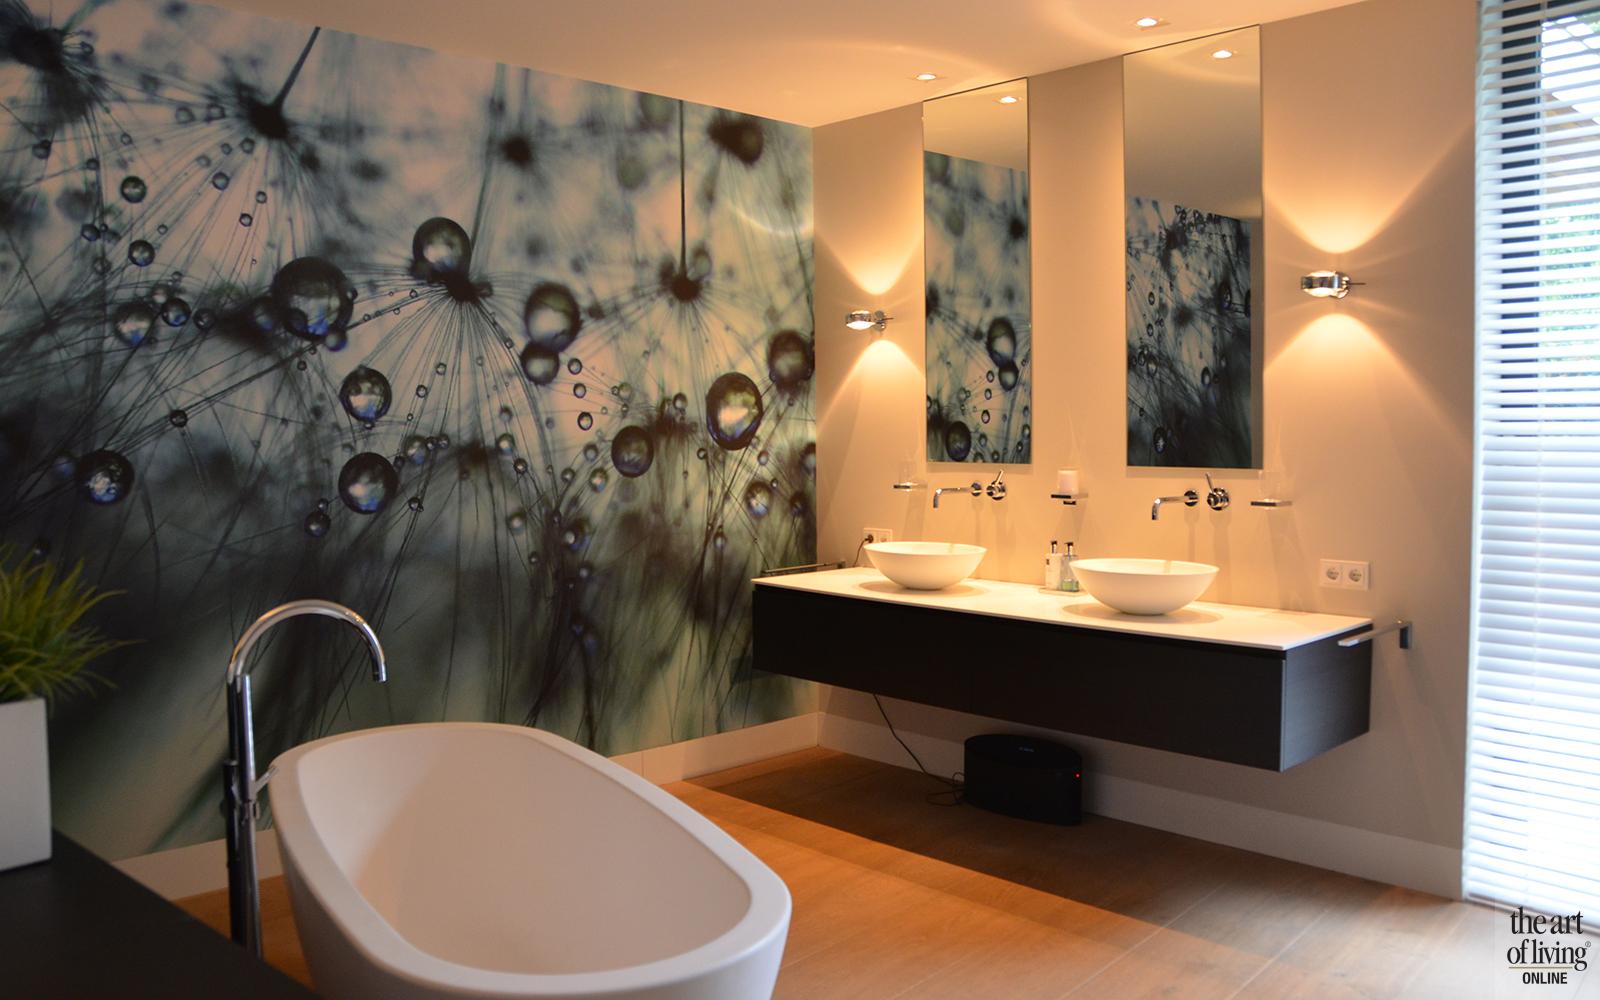 Natuurlijke materialen, Drijvers, Badkamer, Vrijstaand bad, moderne badkamer, Strakke badkamer